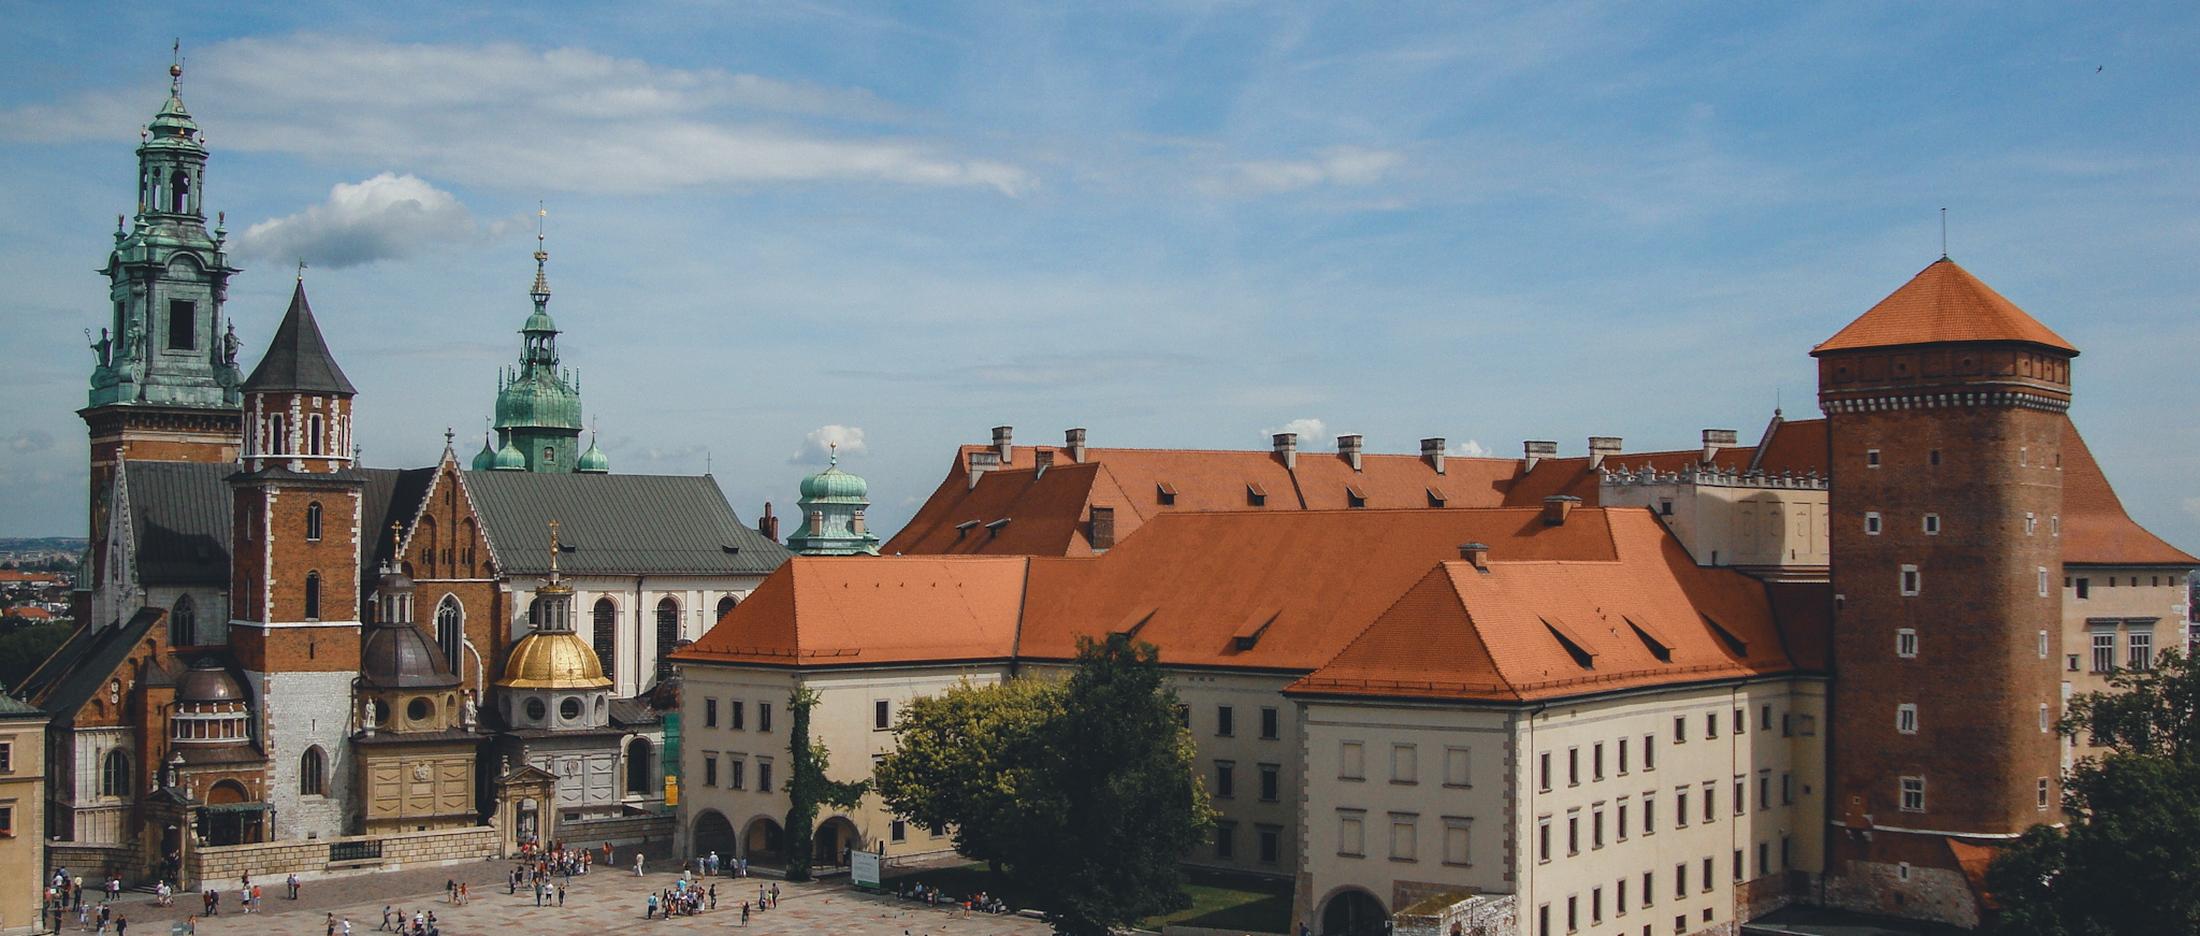 Zaštićeno: Mariazell – Beč – Czestochowa – Krakow – Budimpešta